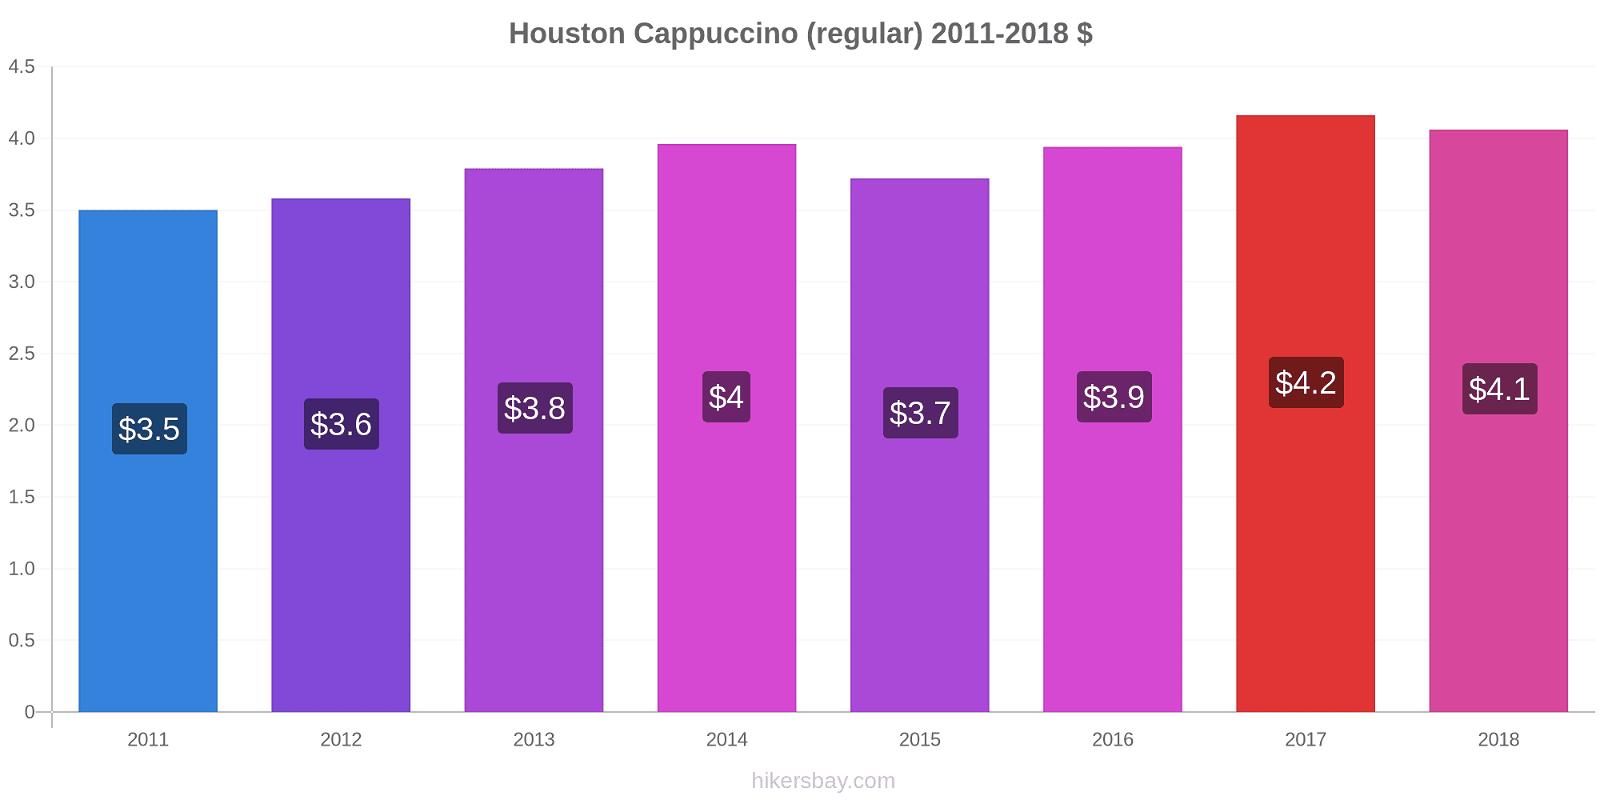 Houston price changes Cappuccino (regular) hikersbay.com